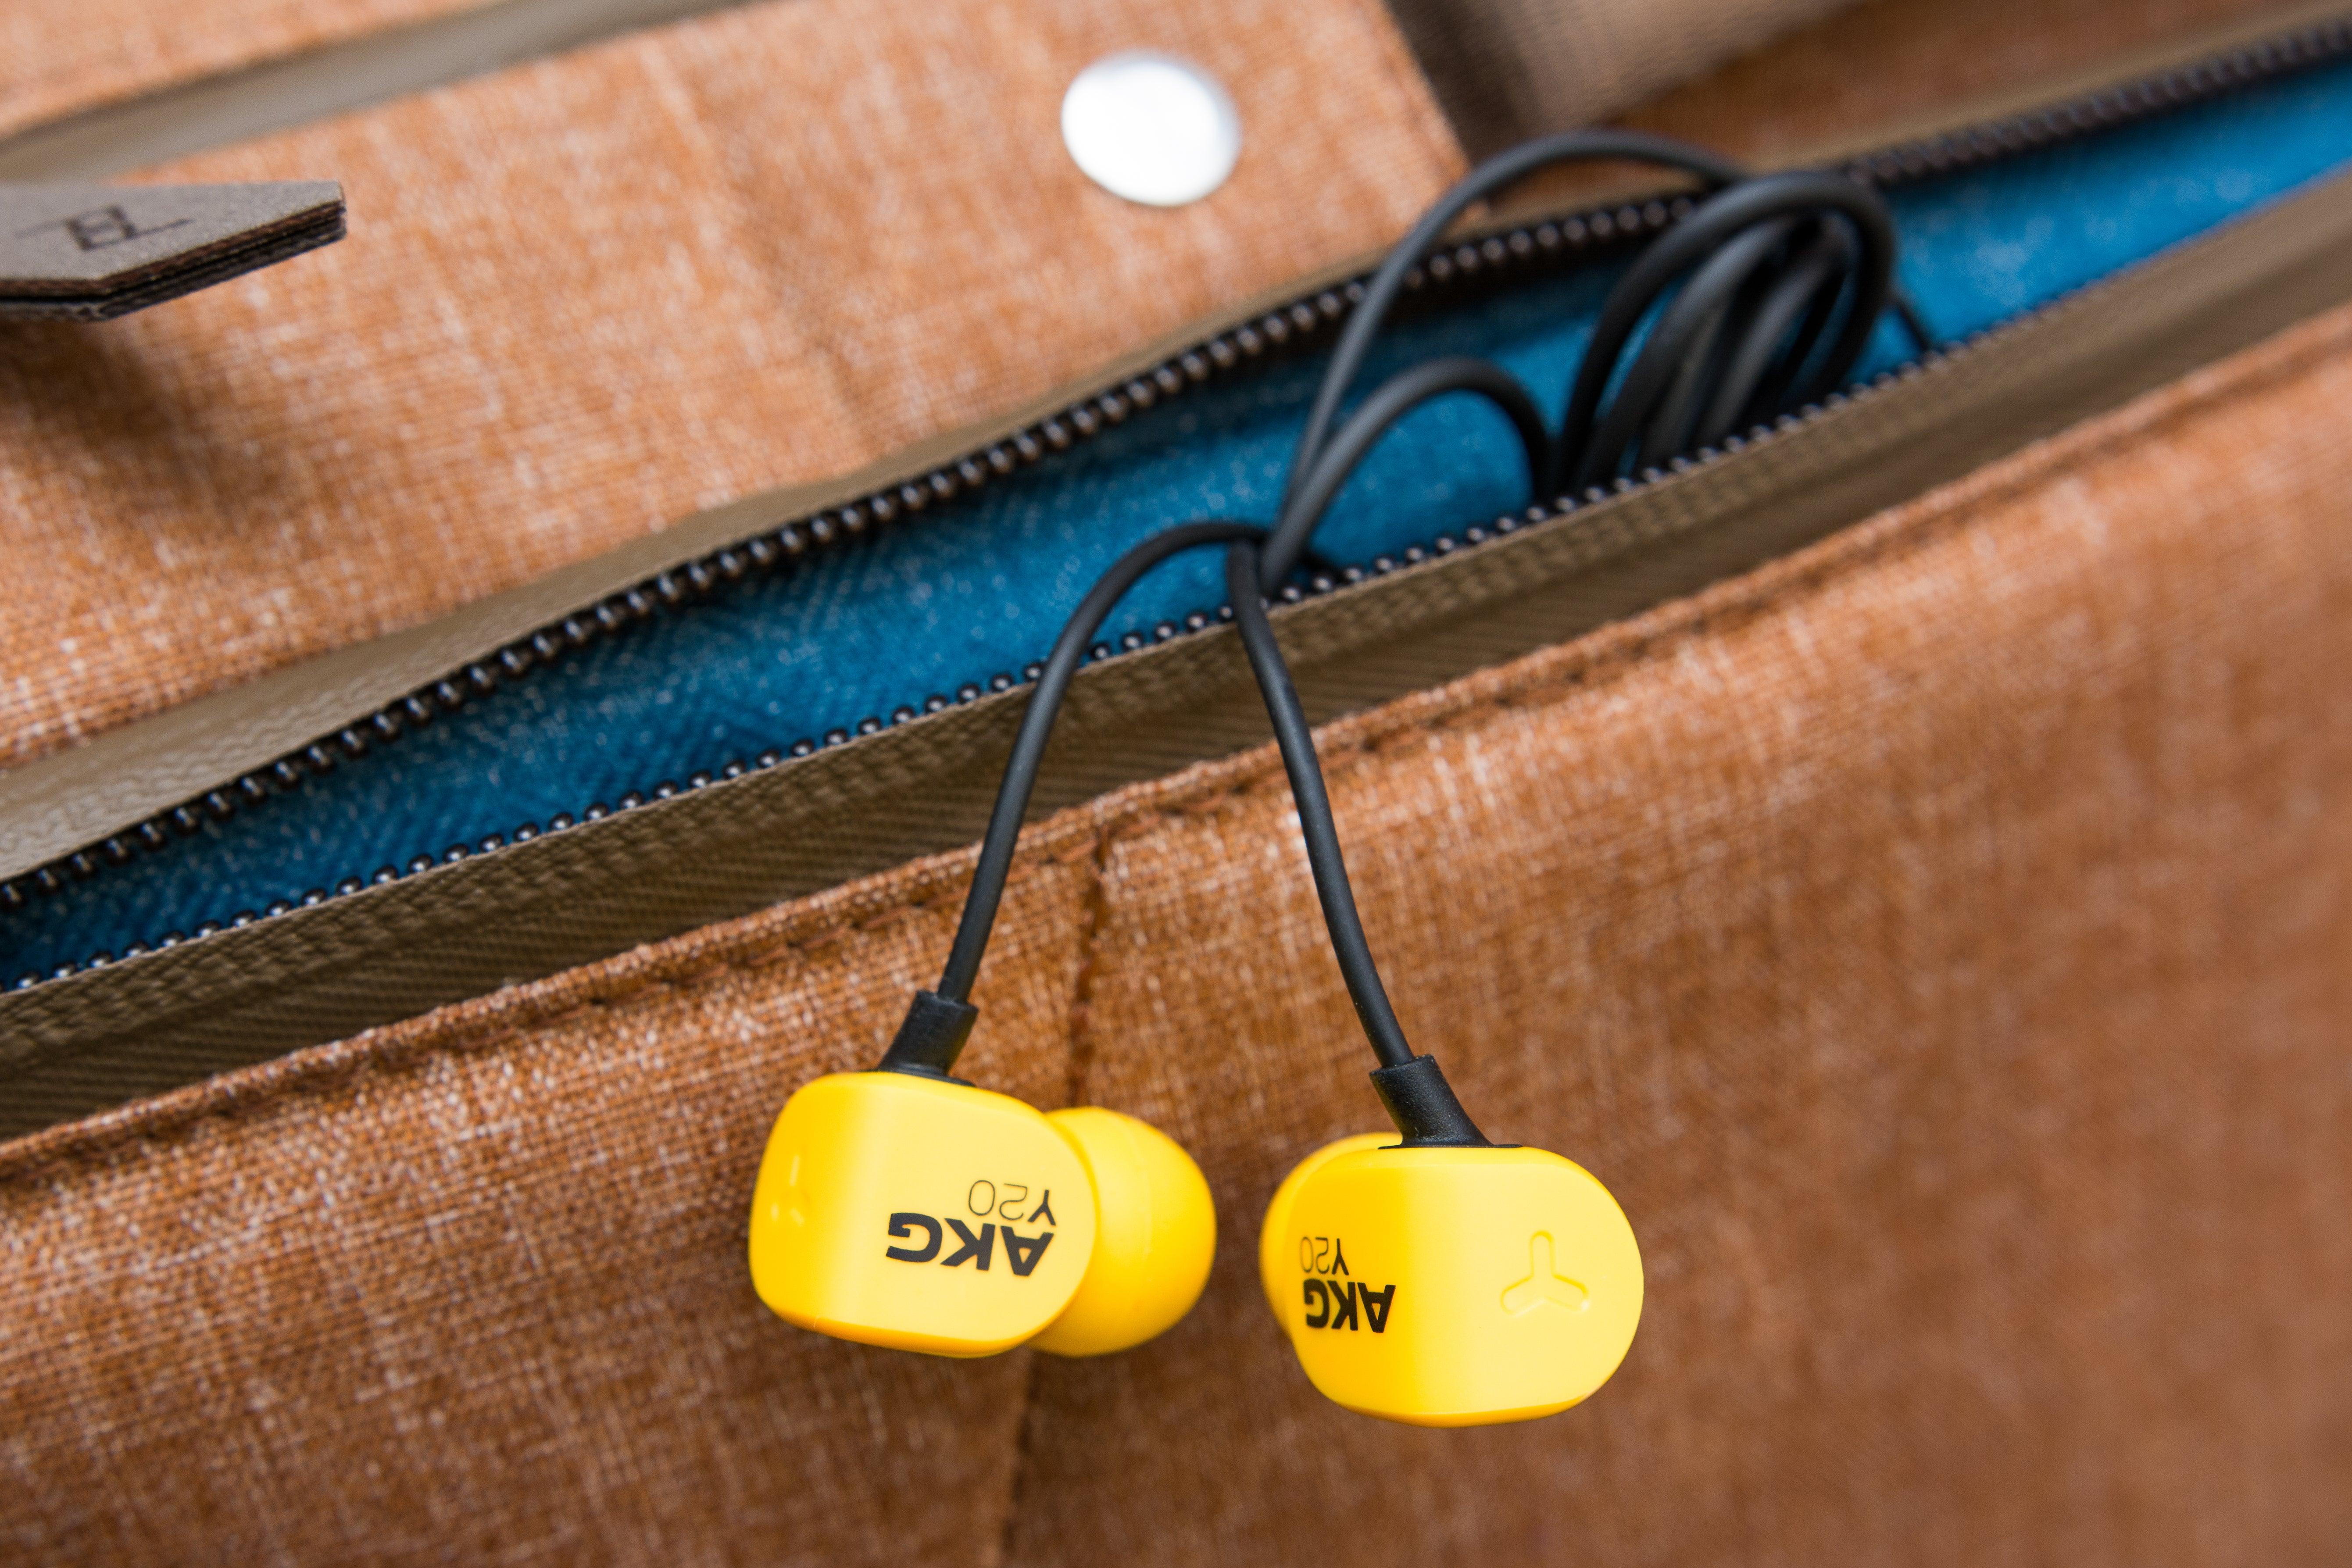 AKG Y20U headphones in a bag